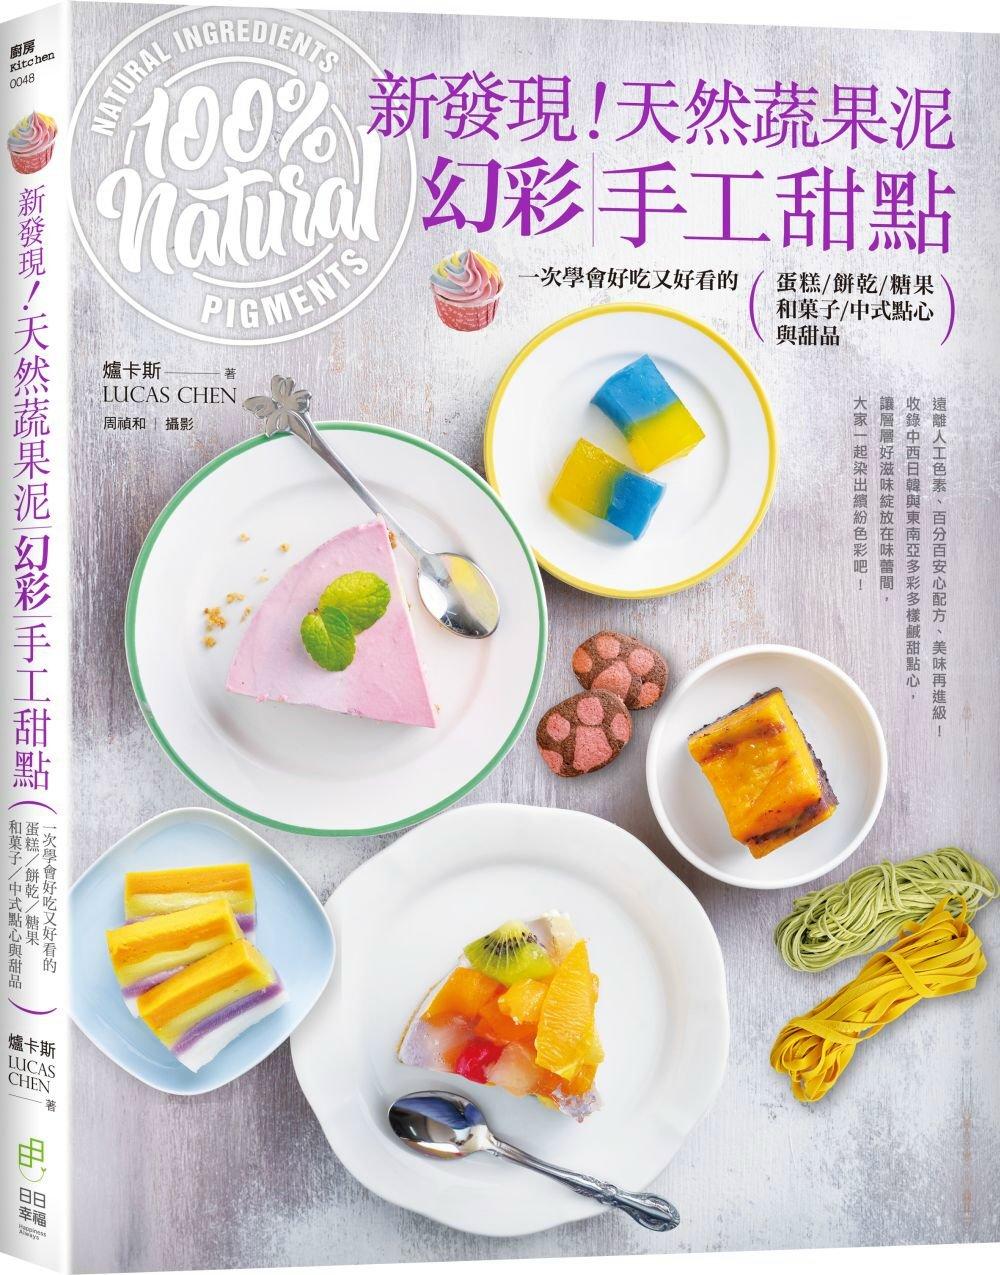 新發現!天然蔬果泥幻彩手工甜點:一次學會好吃又好看的蛋糕、餅乾、糖果、和菓子、中式點心與甜品